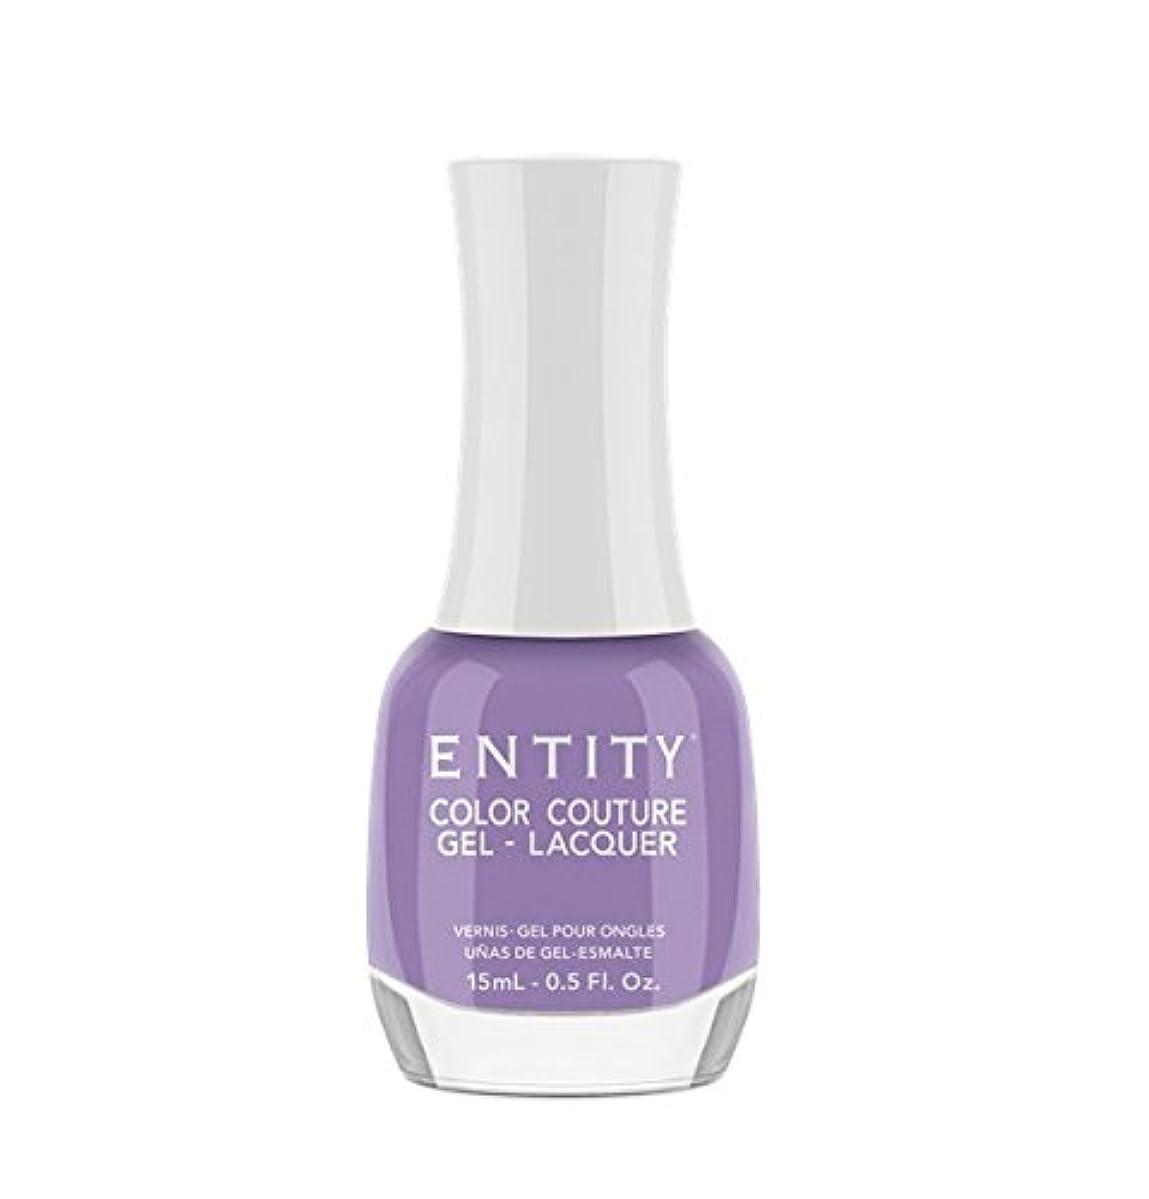 ビームスイング戦略Entity Color Couture Gel-Lacquer - Pretty Not Prissy - 15 ml/0.5 oz